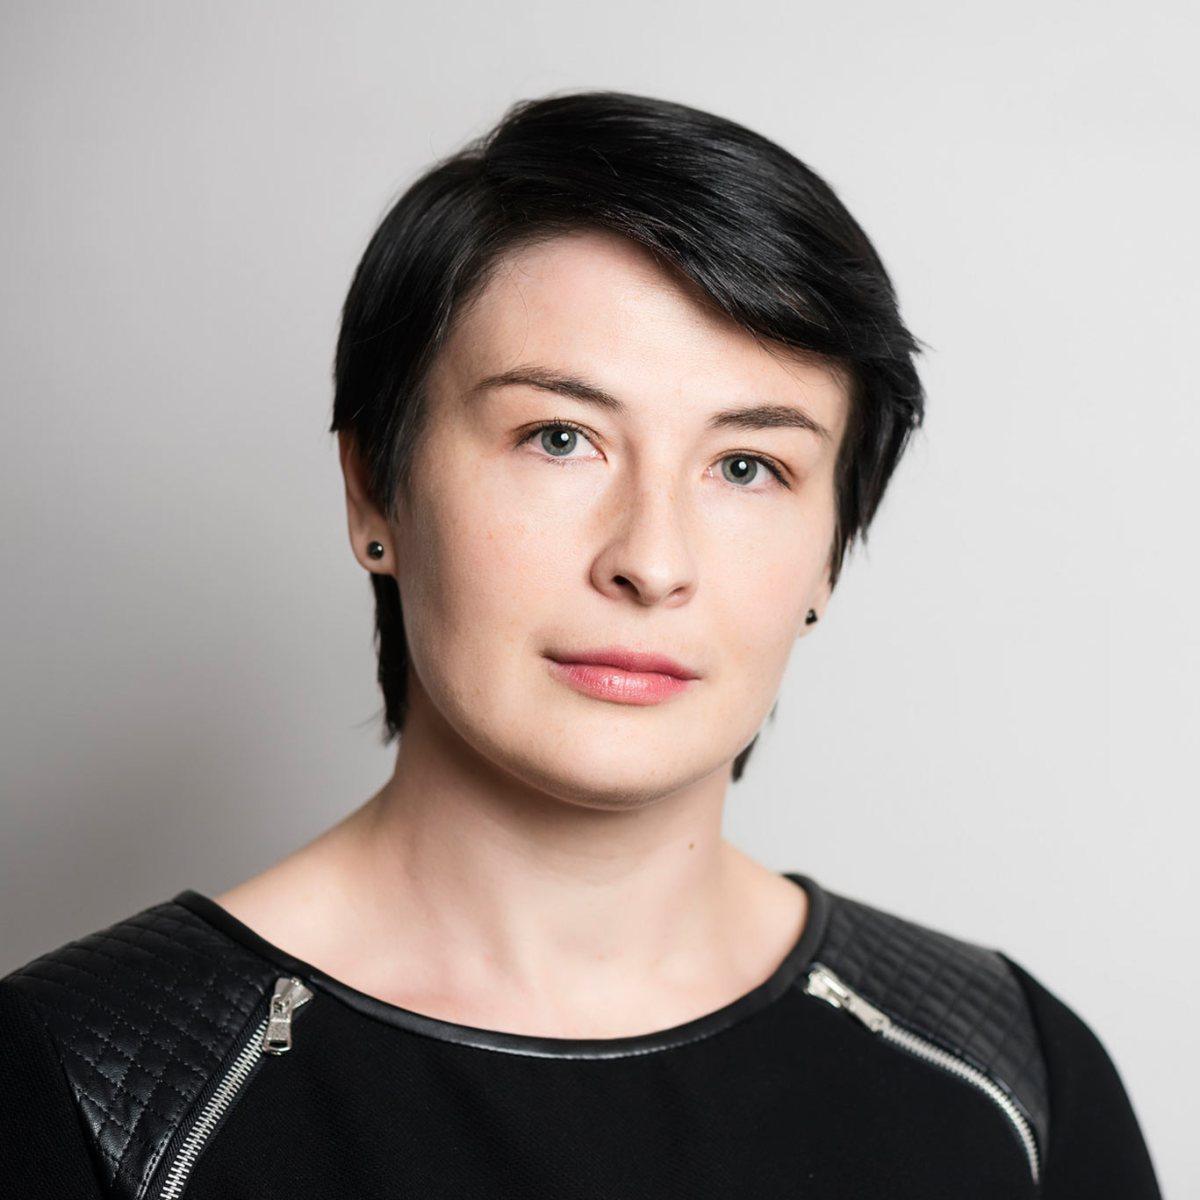 Олена Міскун